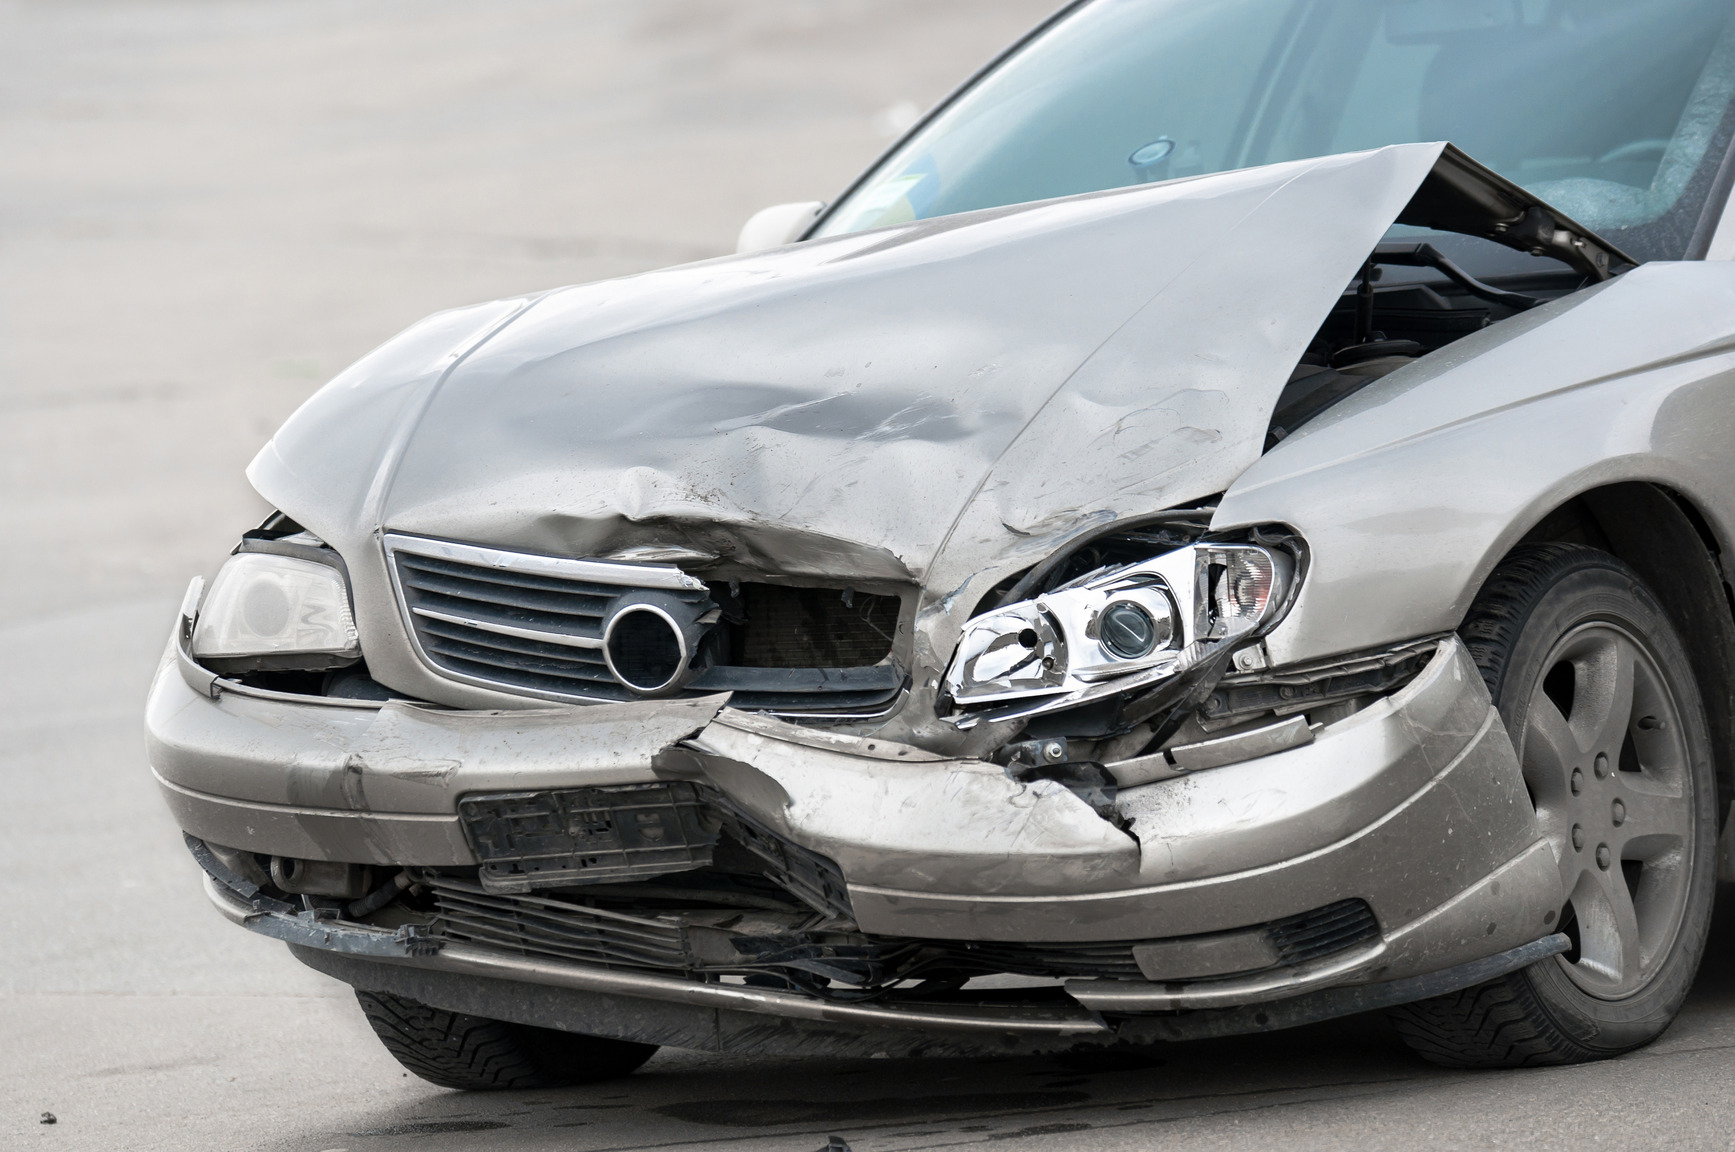 Damaged Car Removals